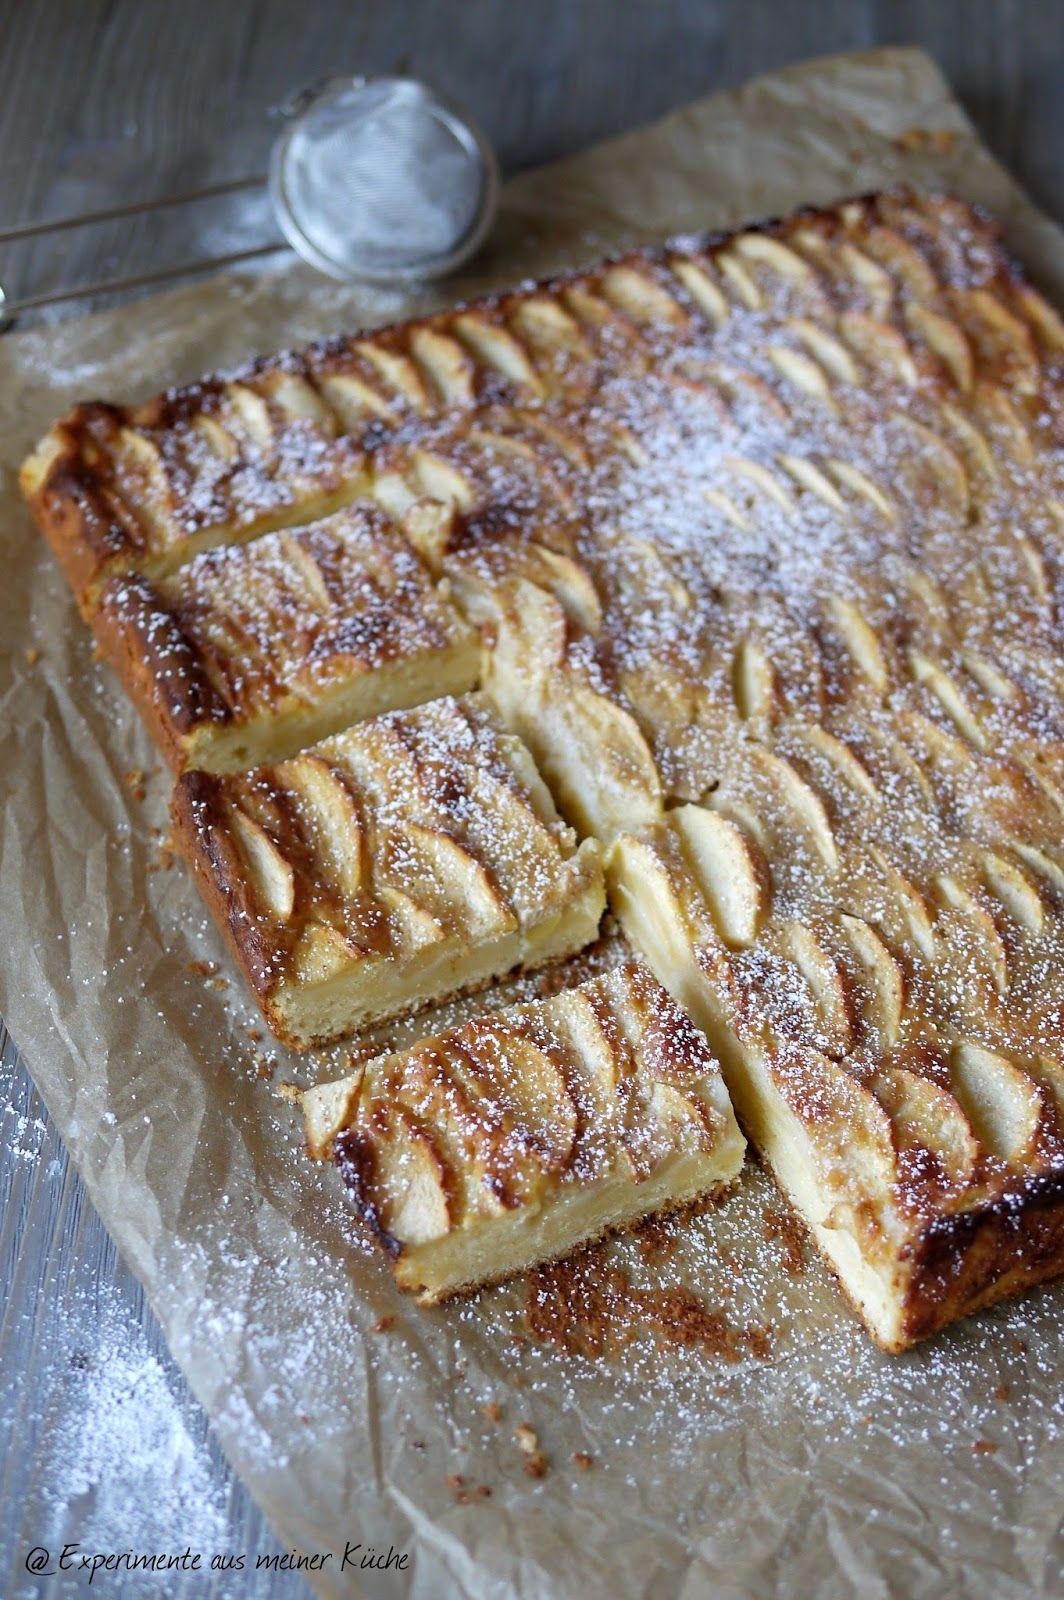 Apfelkuchen mit Zimtguss | Experimente aus meiner küche, Apfelkuchen ...